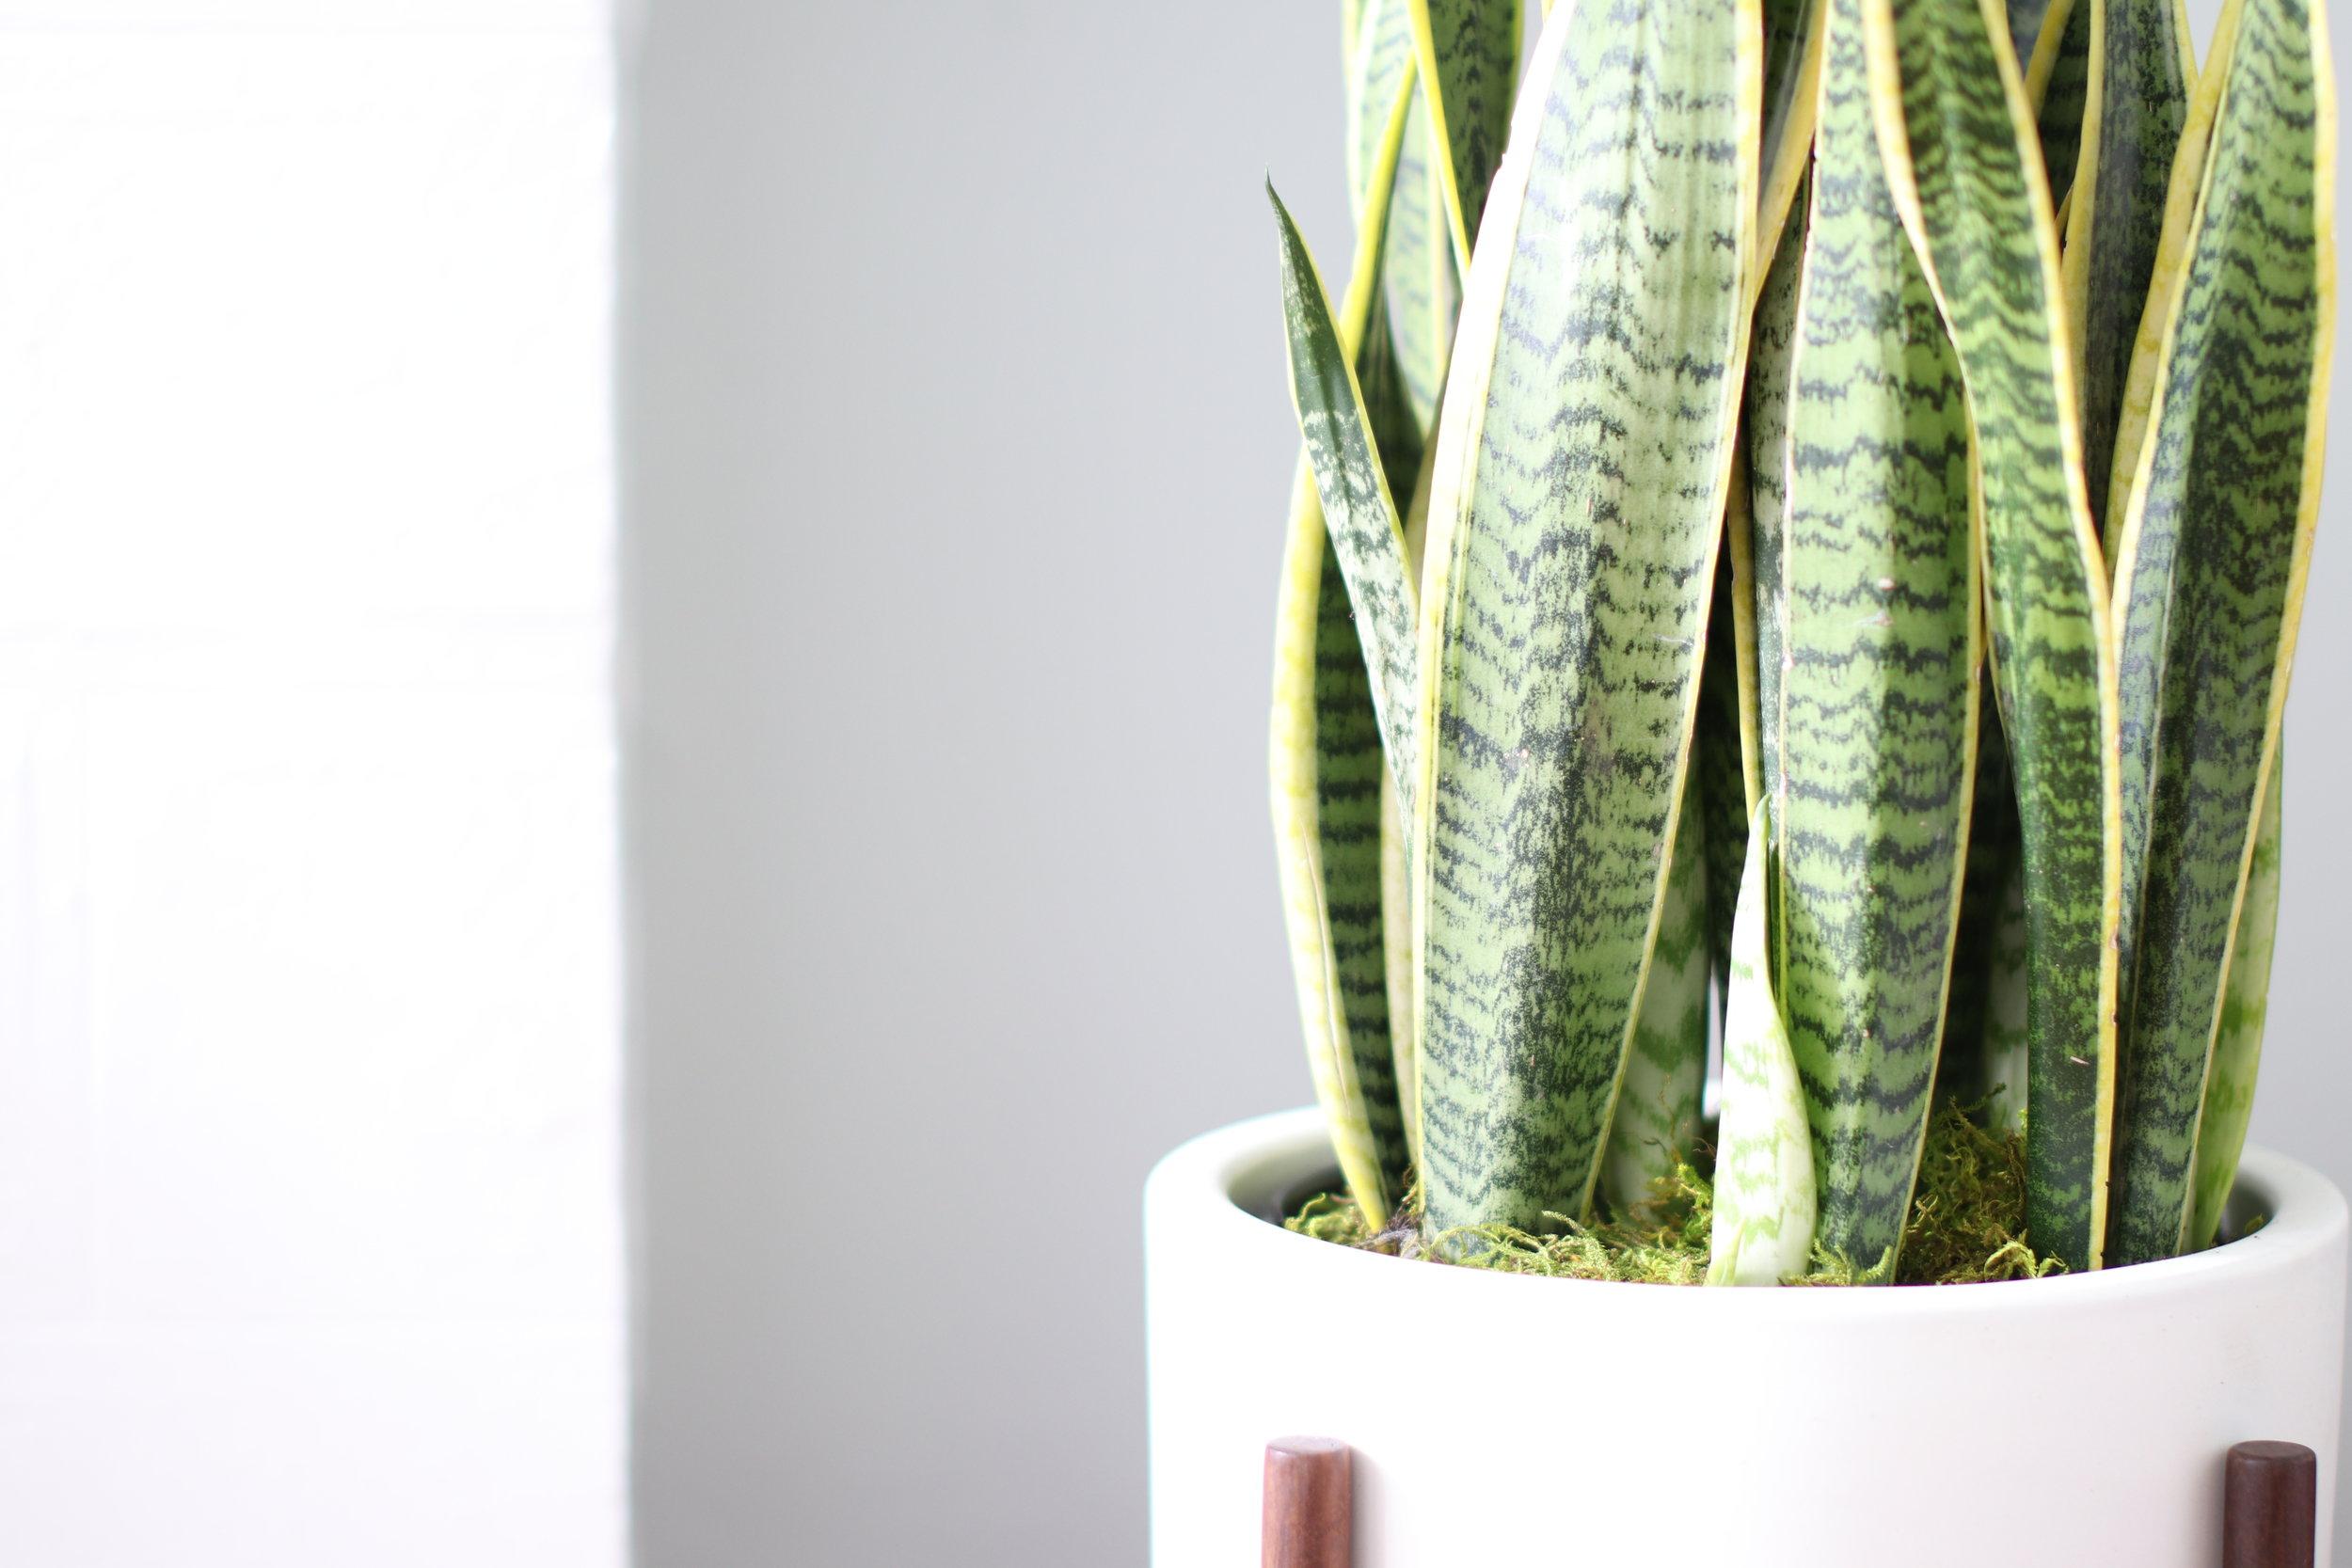 INDOOR PLANTS, POTTED & DELIVERED - Order online at leonandgeorge.com